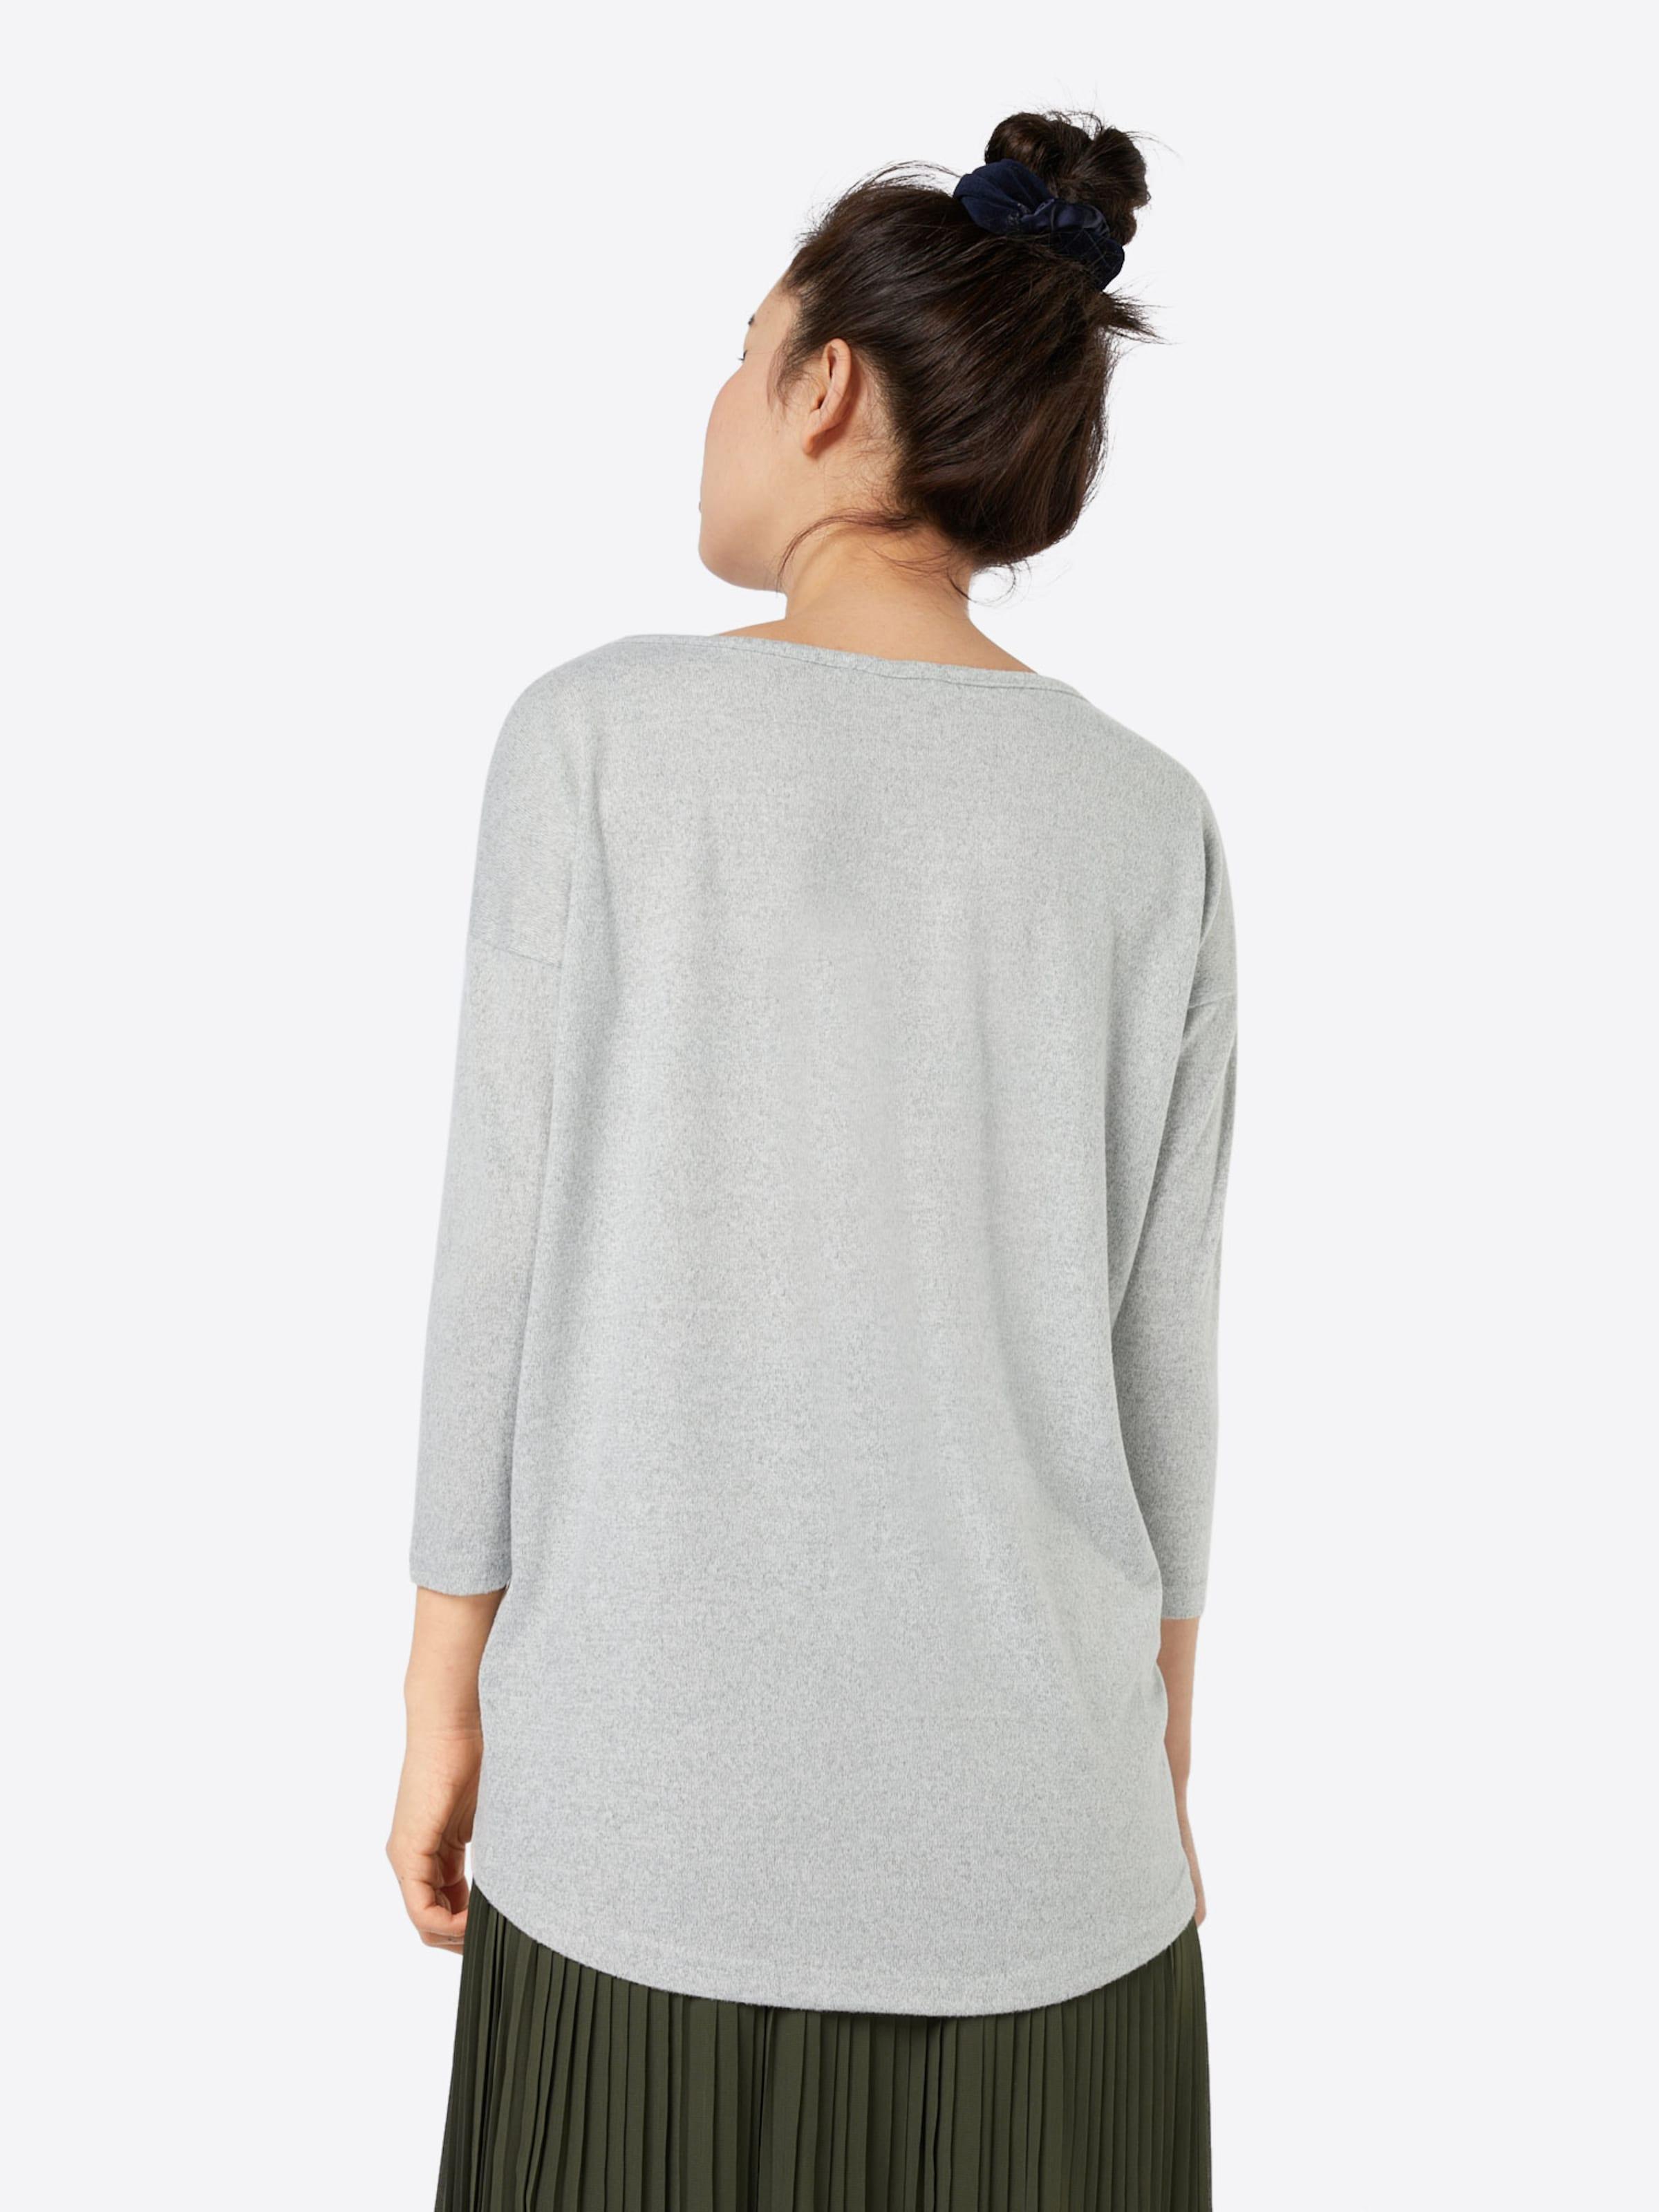 ONLY Pullover 'onlELCOS EMBRO' Günstig Kaufen Echt Billig Verkauf Breite Palette Von Bilder UaieJy2WnI